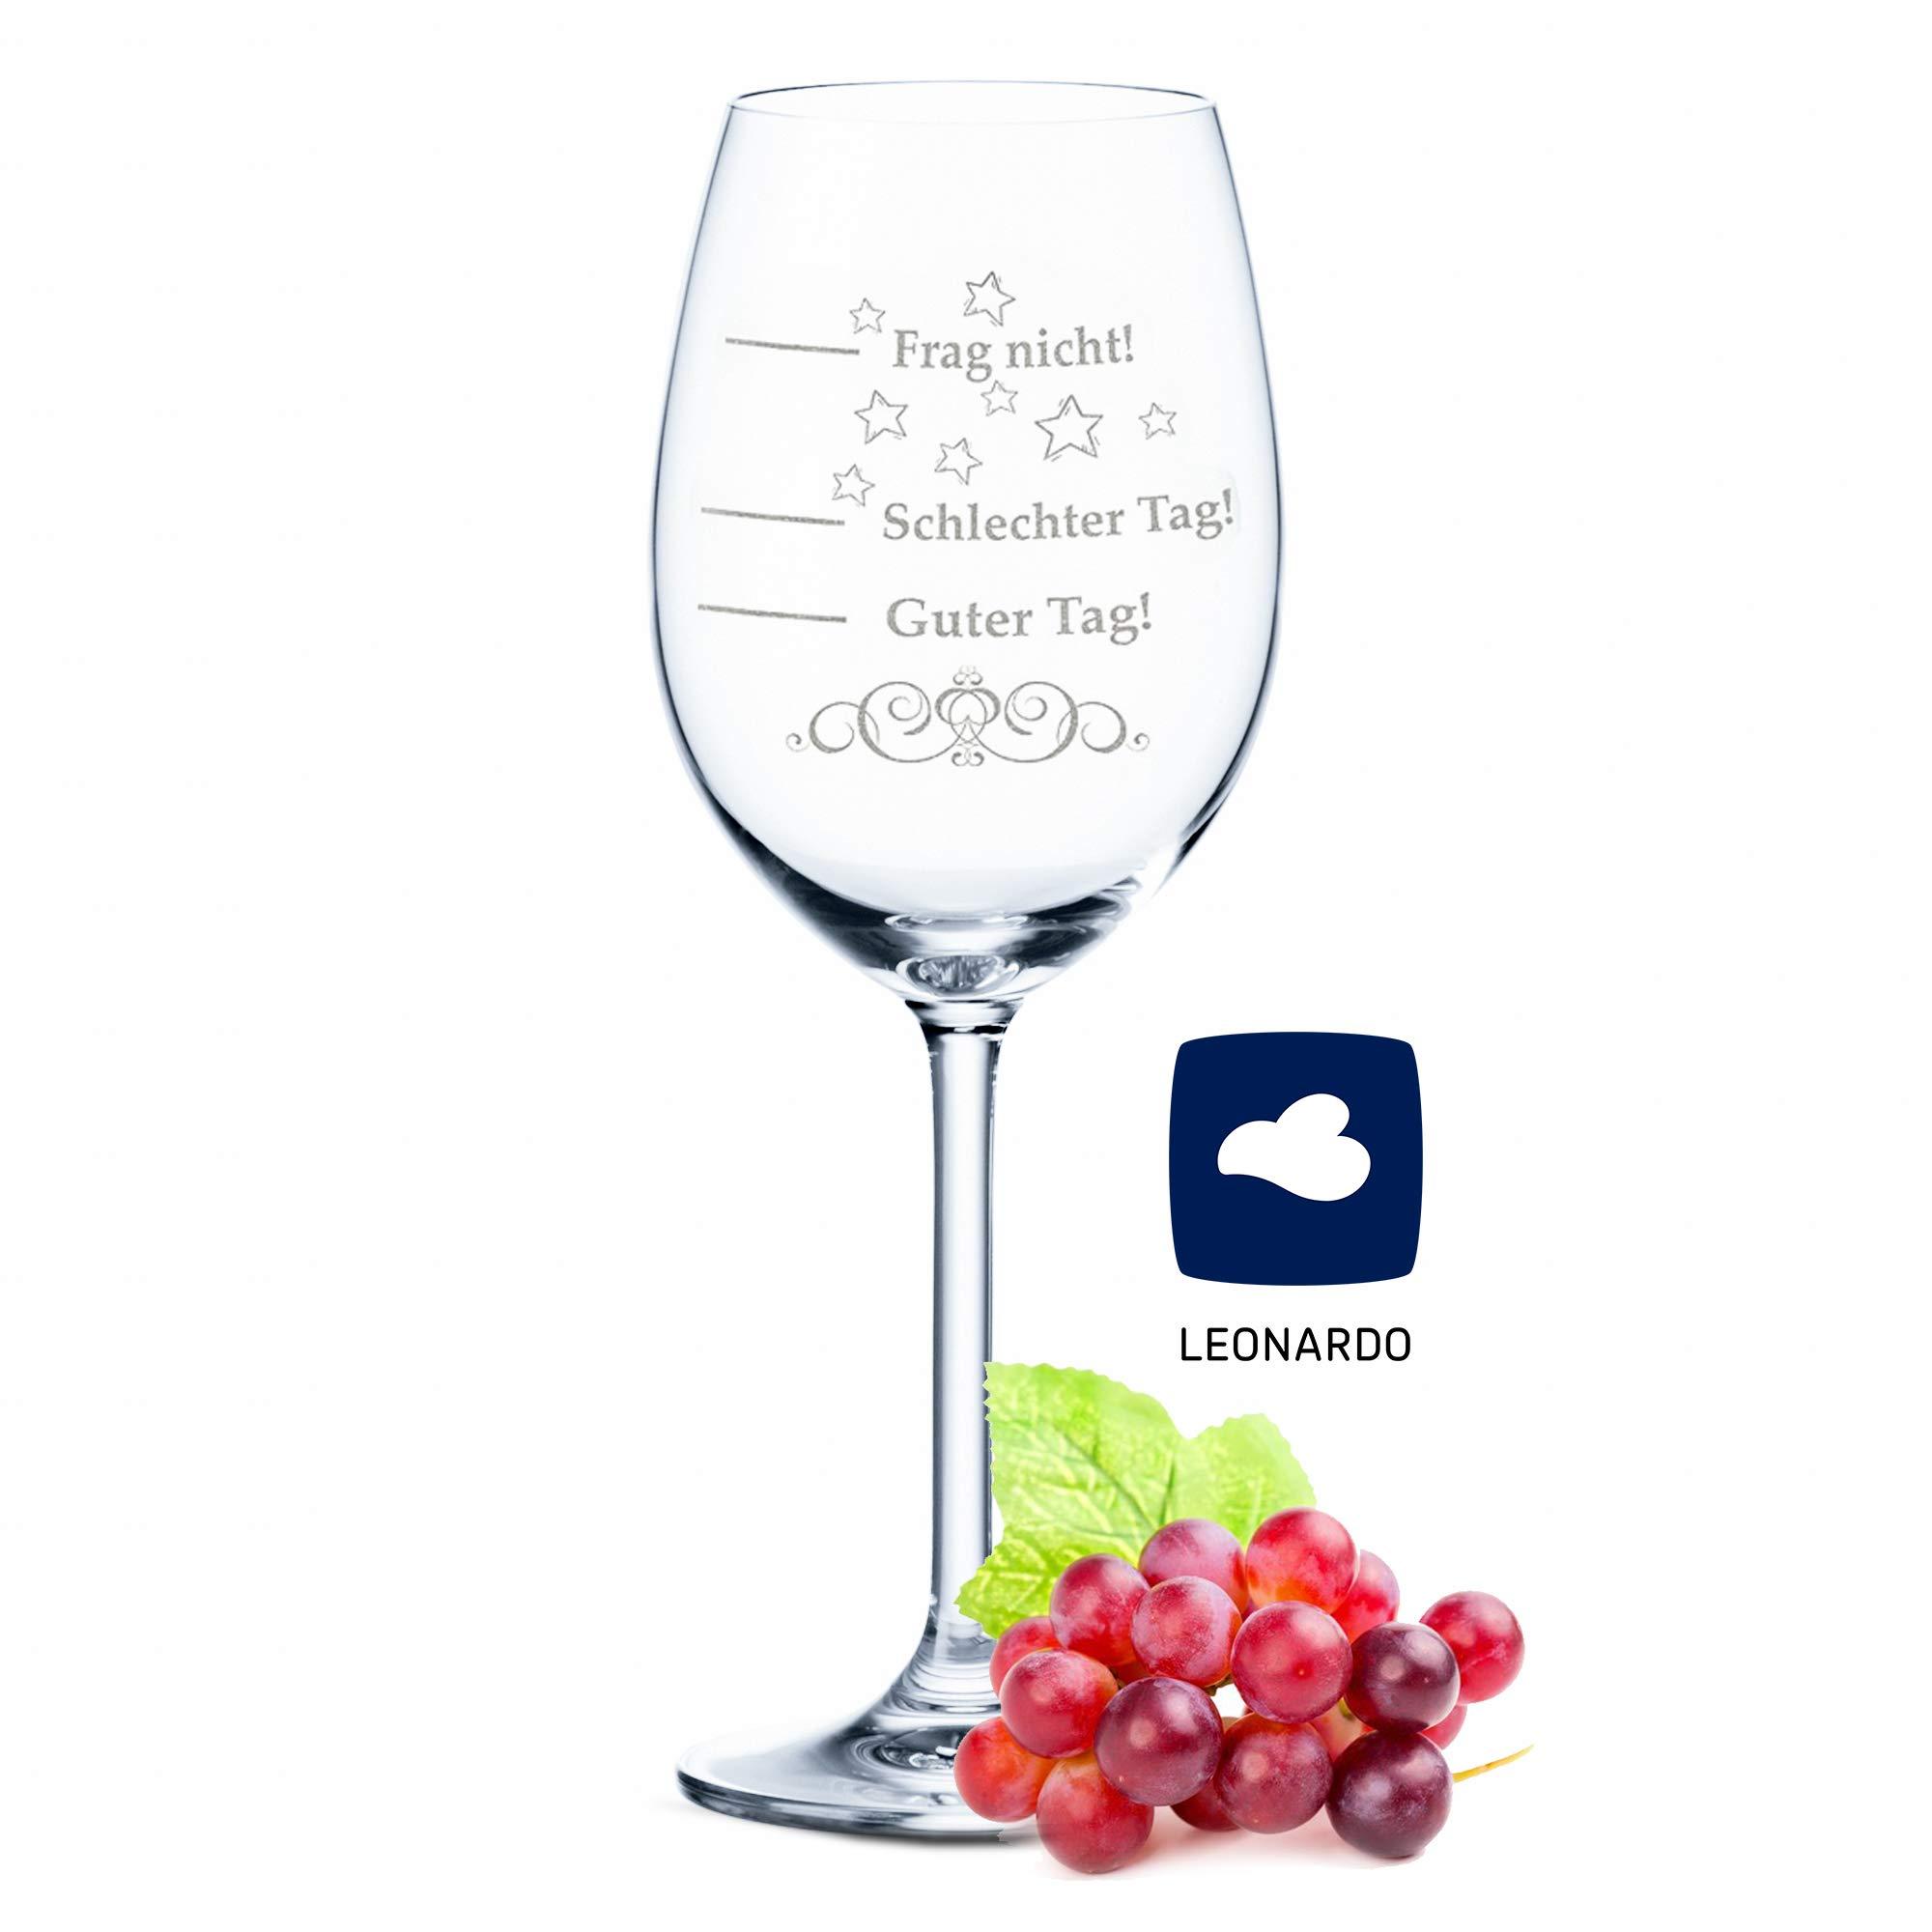 Leonardo XL Weinglas mit Gravur - Schlechter Tag, Guter Tag, Frag nicht! - Lustige Geschenke - Originelles Geburtstagsgeschenk - Geeignet als Rotweingläser Weißweingläser Bild